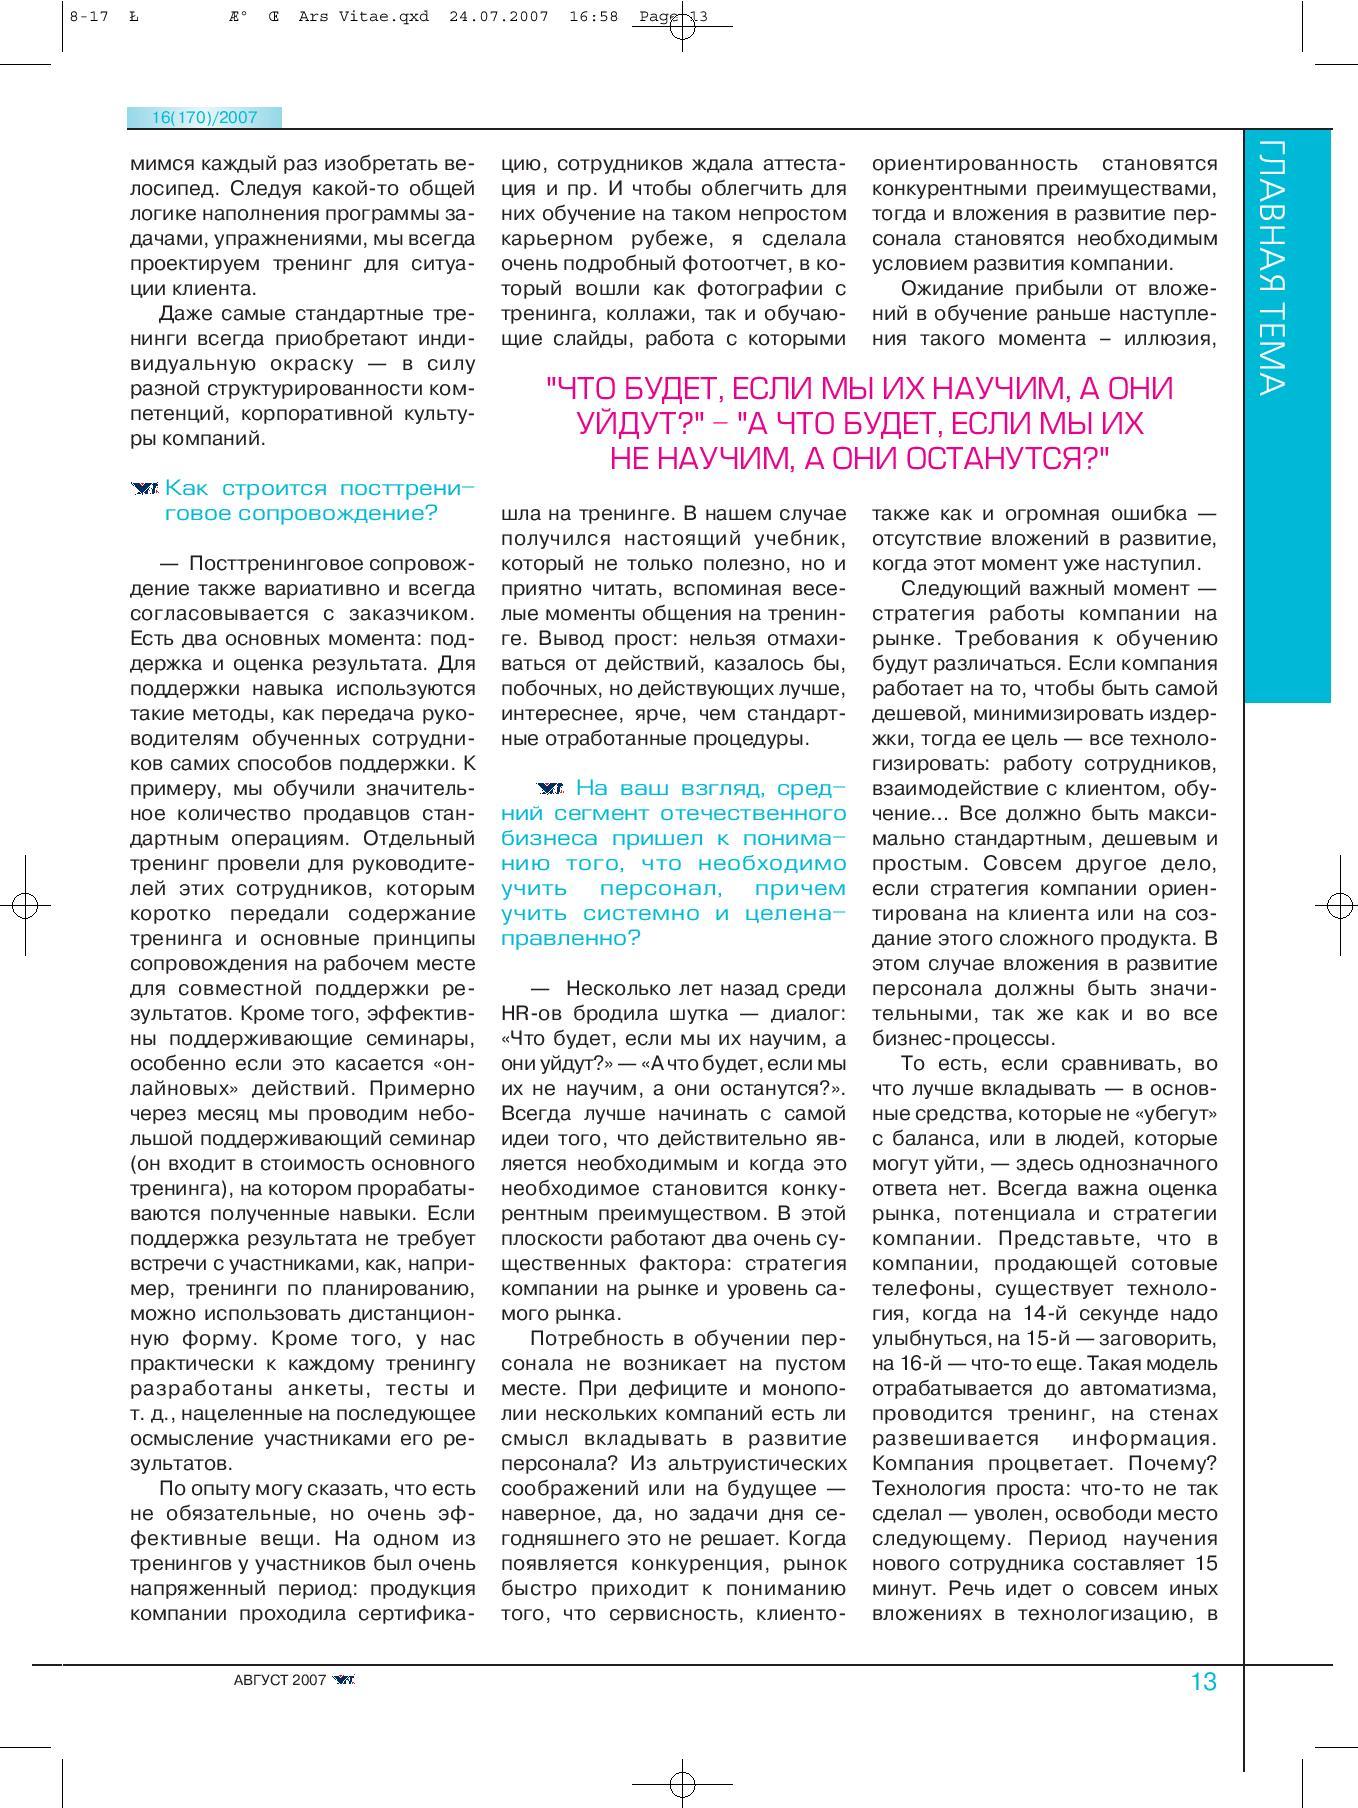 8-17__intervyu_oblozhka_Ars_Vitae-page-006.jpg